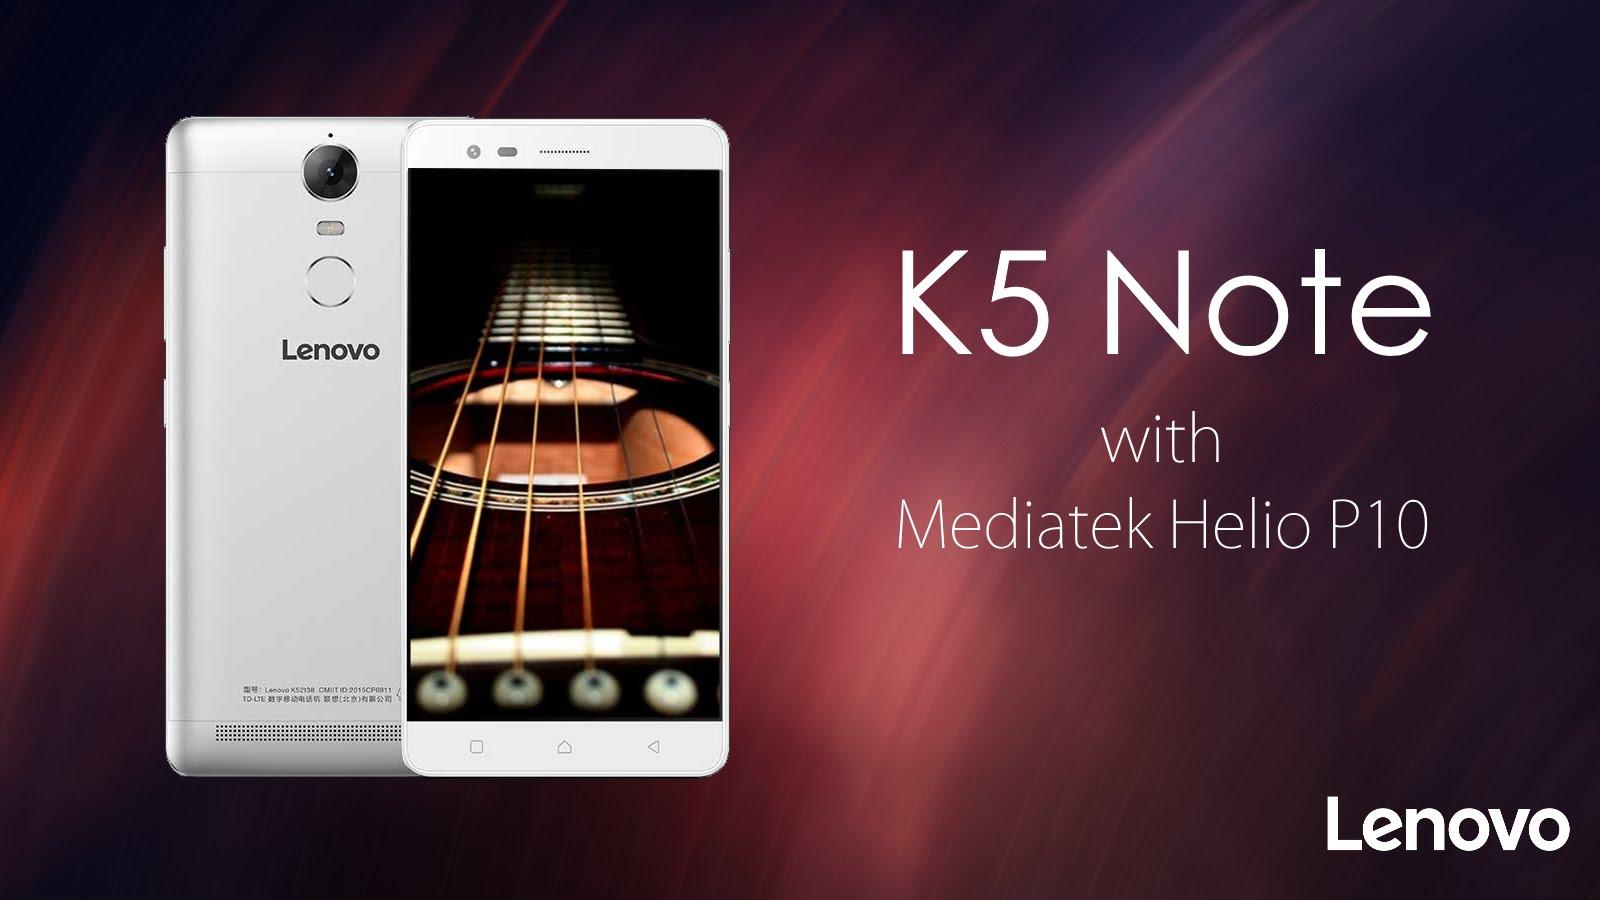 Lenovo anuncia K5 Note com 4GB de RAM